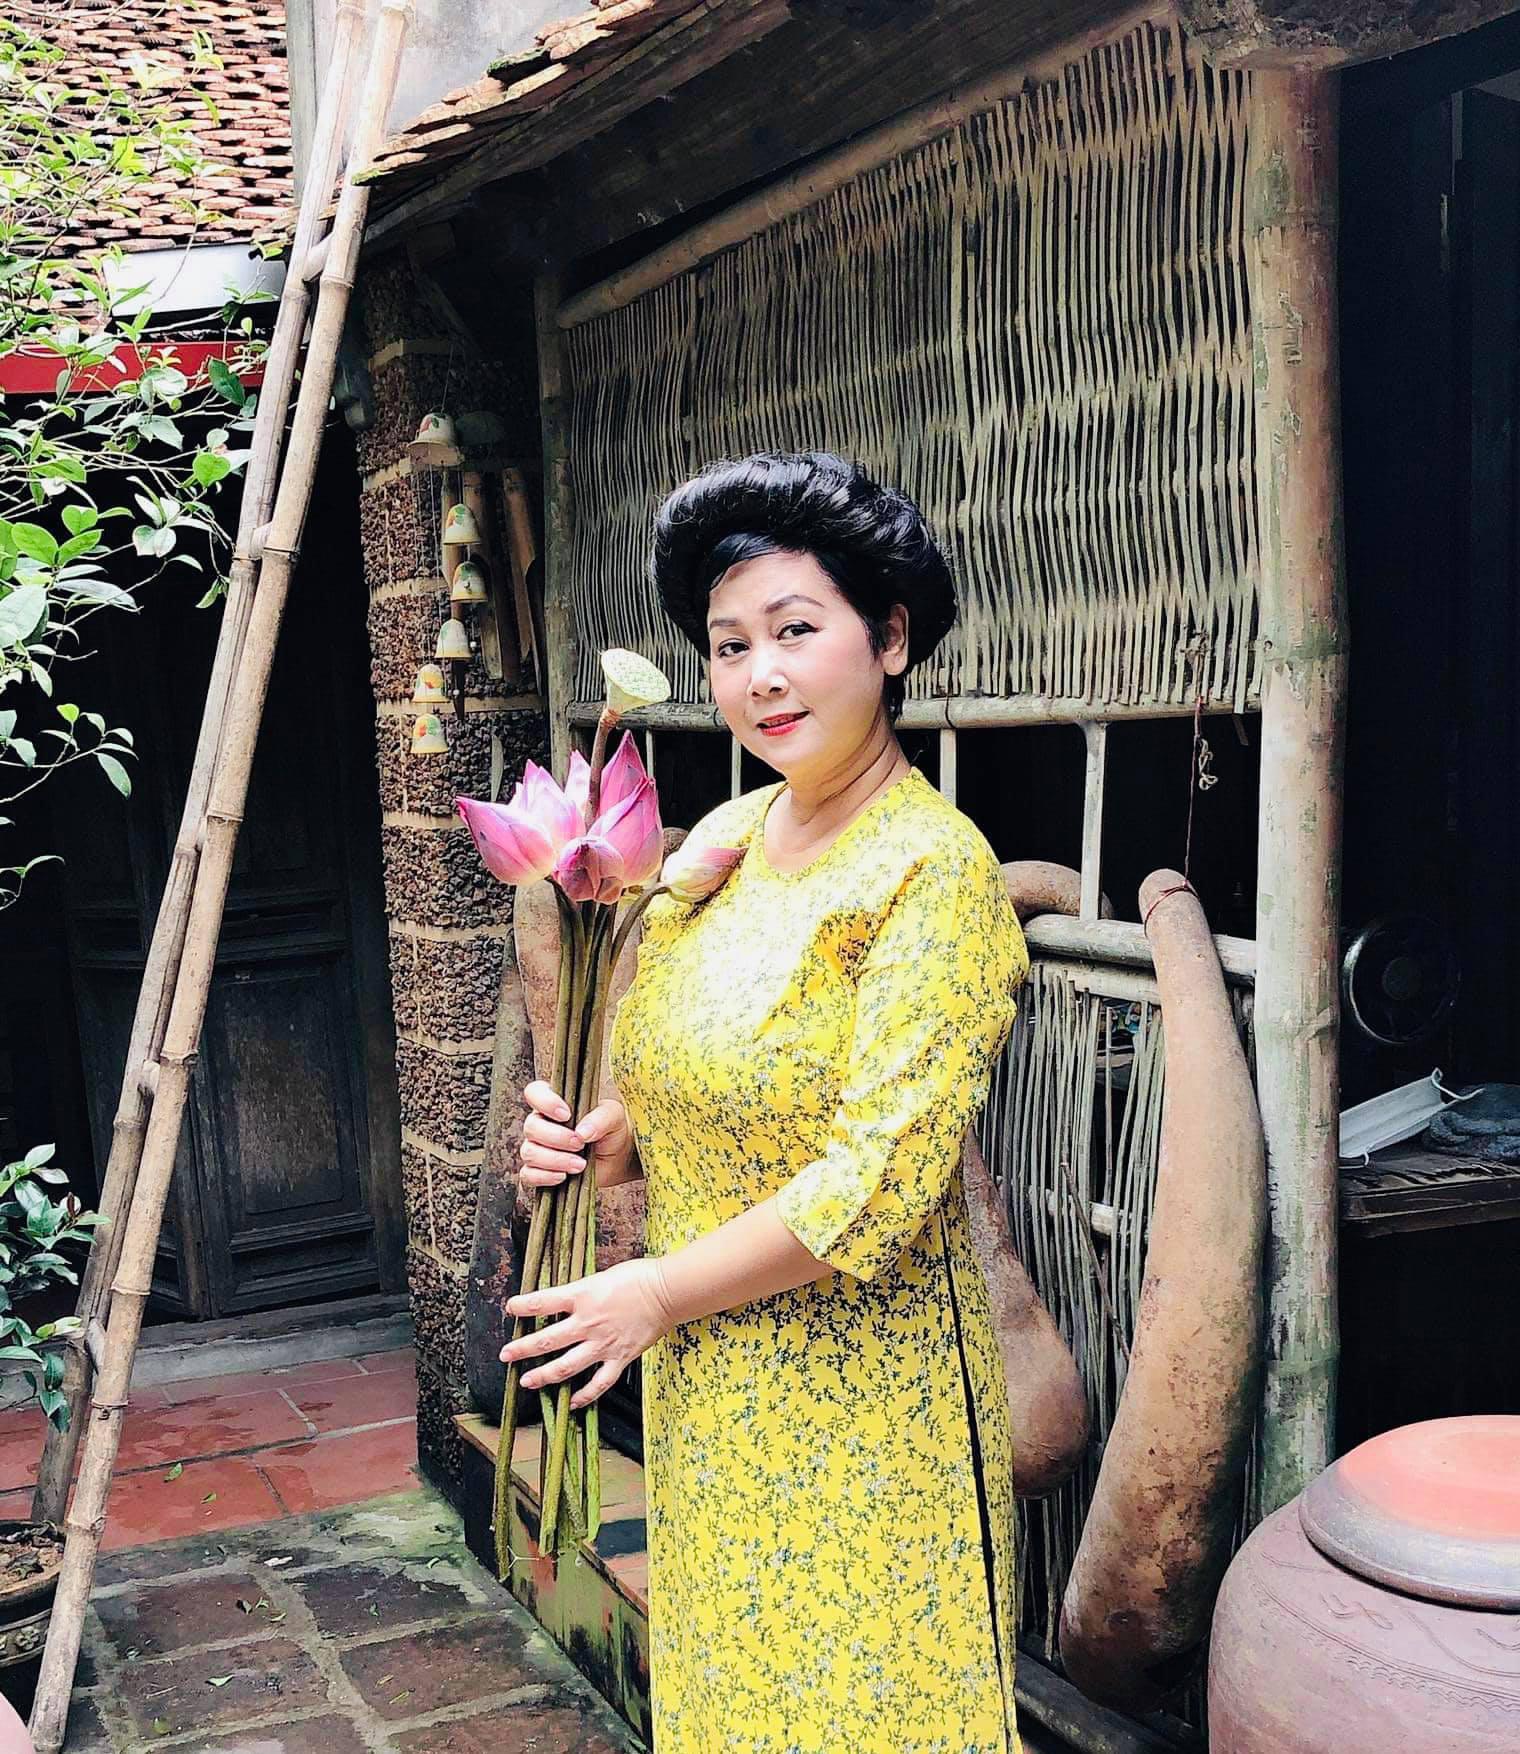 """NSND Minh Hằng: """"Ngôi nhà vợ chồng sống 18 năm giờ vắng lắm, chỉ còn mình em"""" - Ảnh 3."""